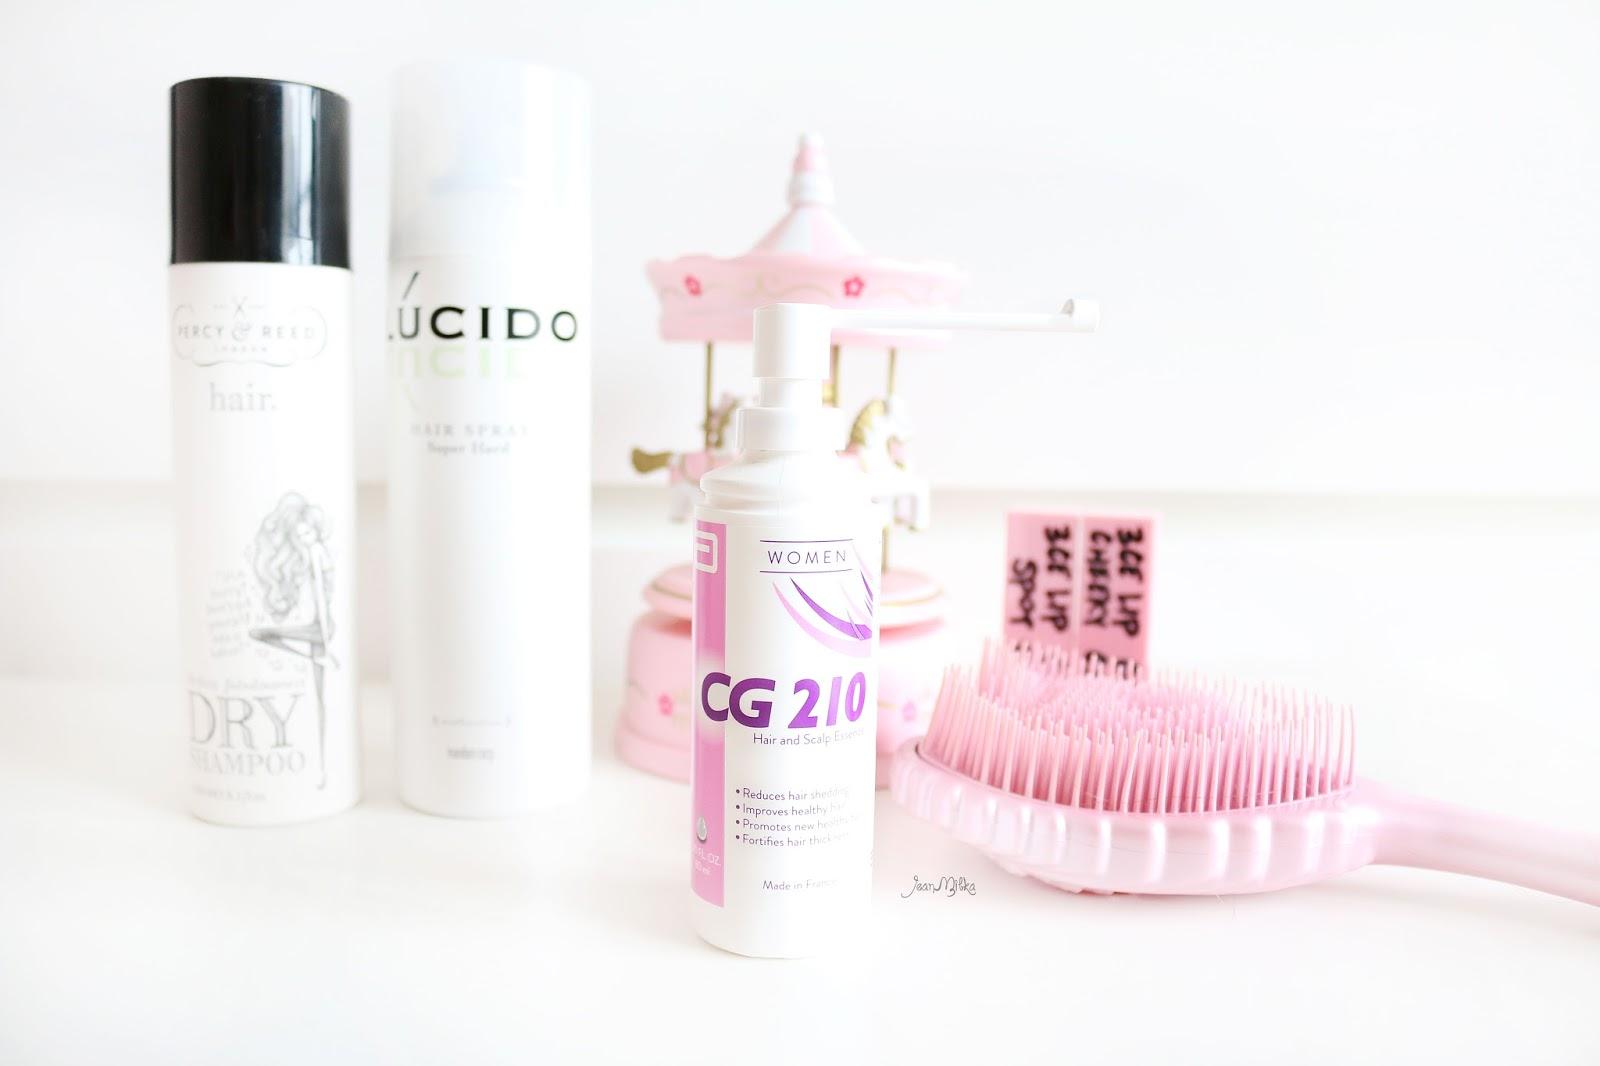 hair serum, hair care, hair style, hair, cg210, cg 210, serum rambut, rambut, perawatan rambut, perawatan rambut rontok